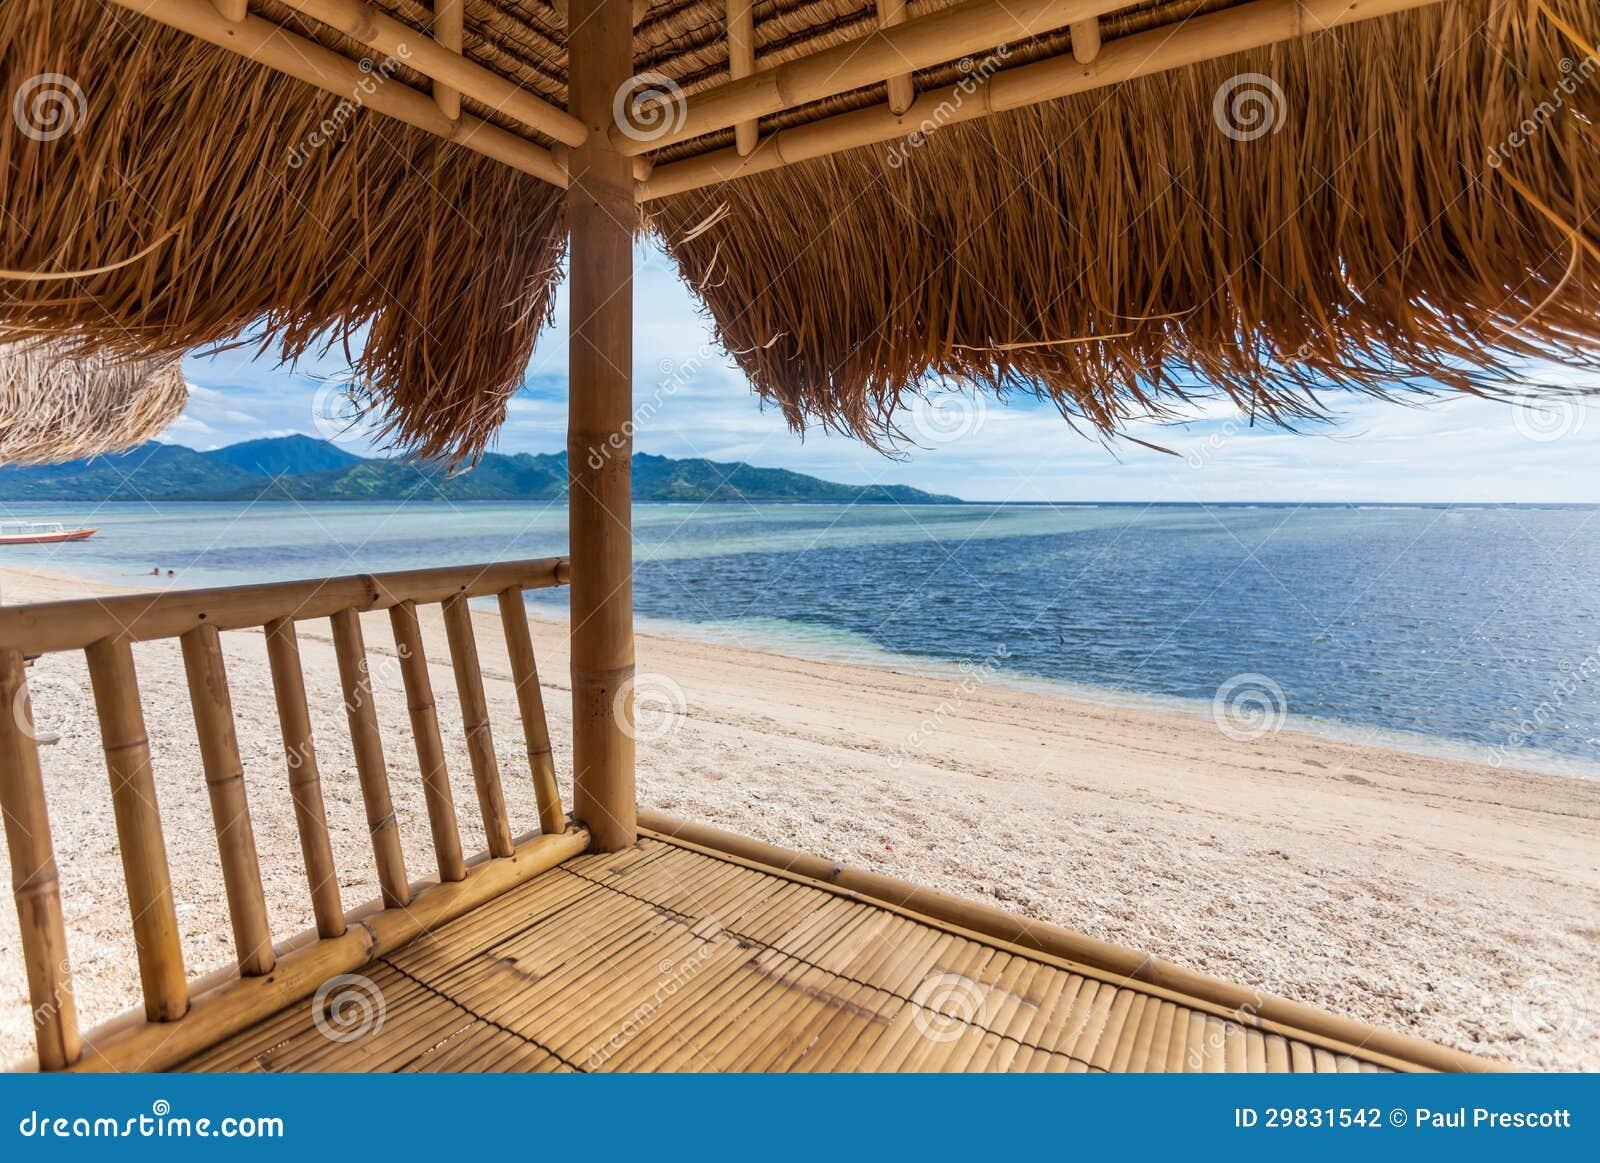 Seaview da cabana de bambu